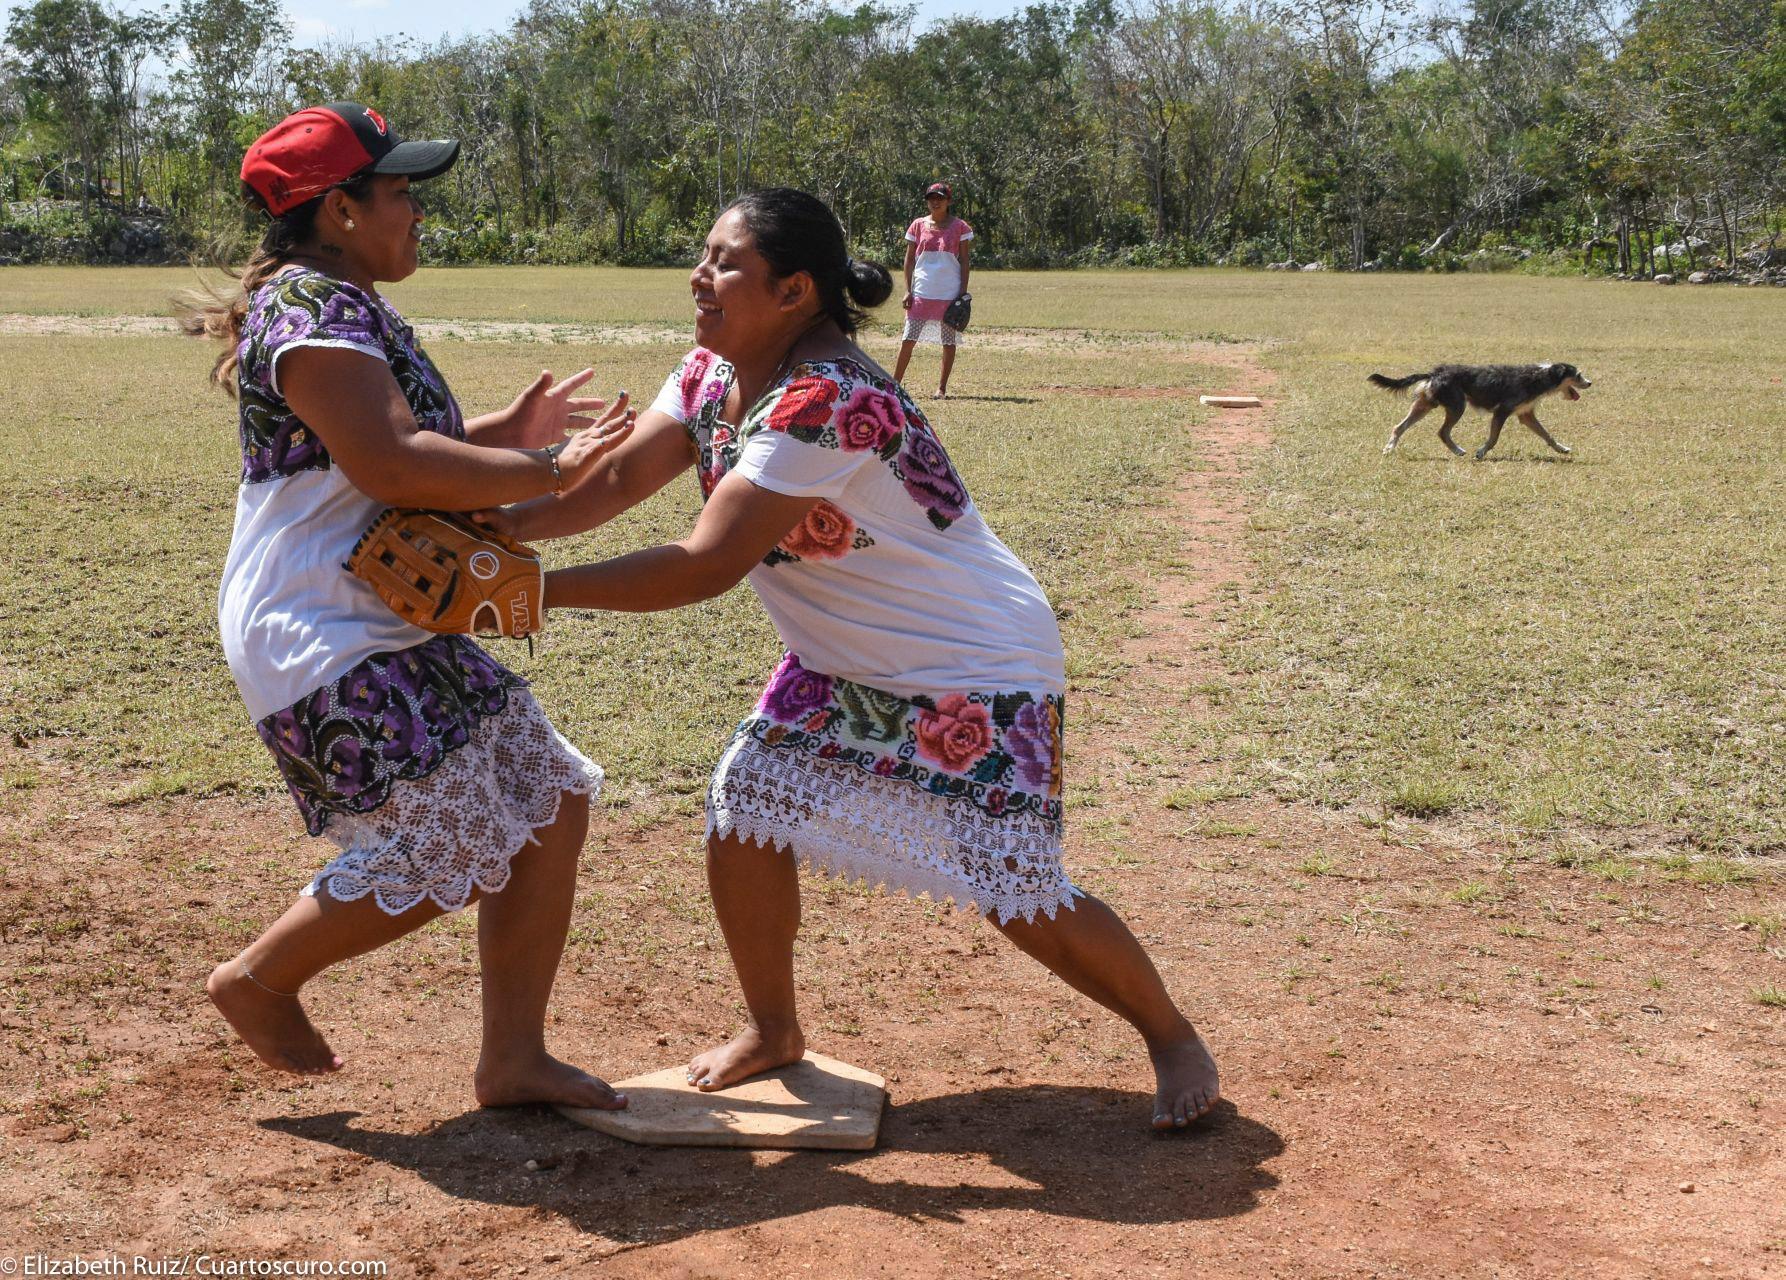 Portando sus tradicionales huipiles y descalzas, para correr más rápido, aseguran, estas mujeres salen a la cancha a jugar softball sin importar las críticas que han tenido que enfrentar.